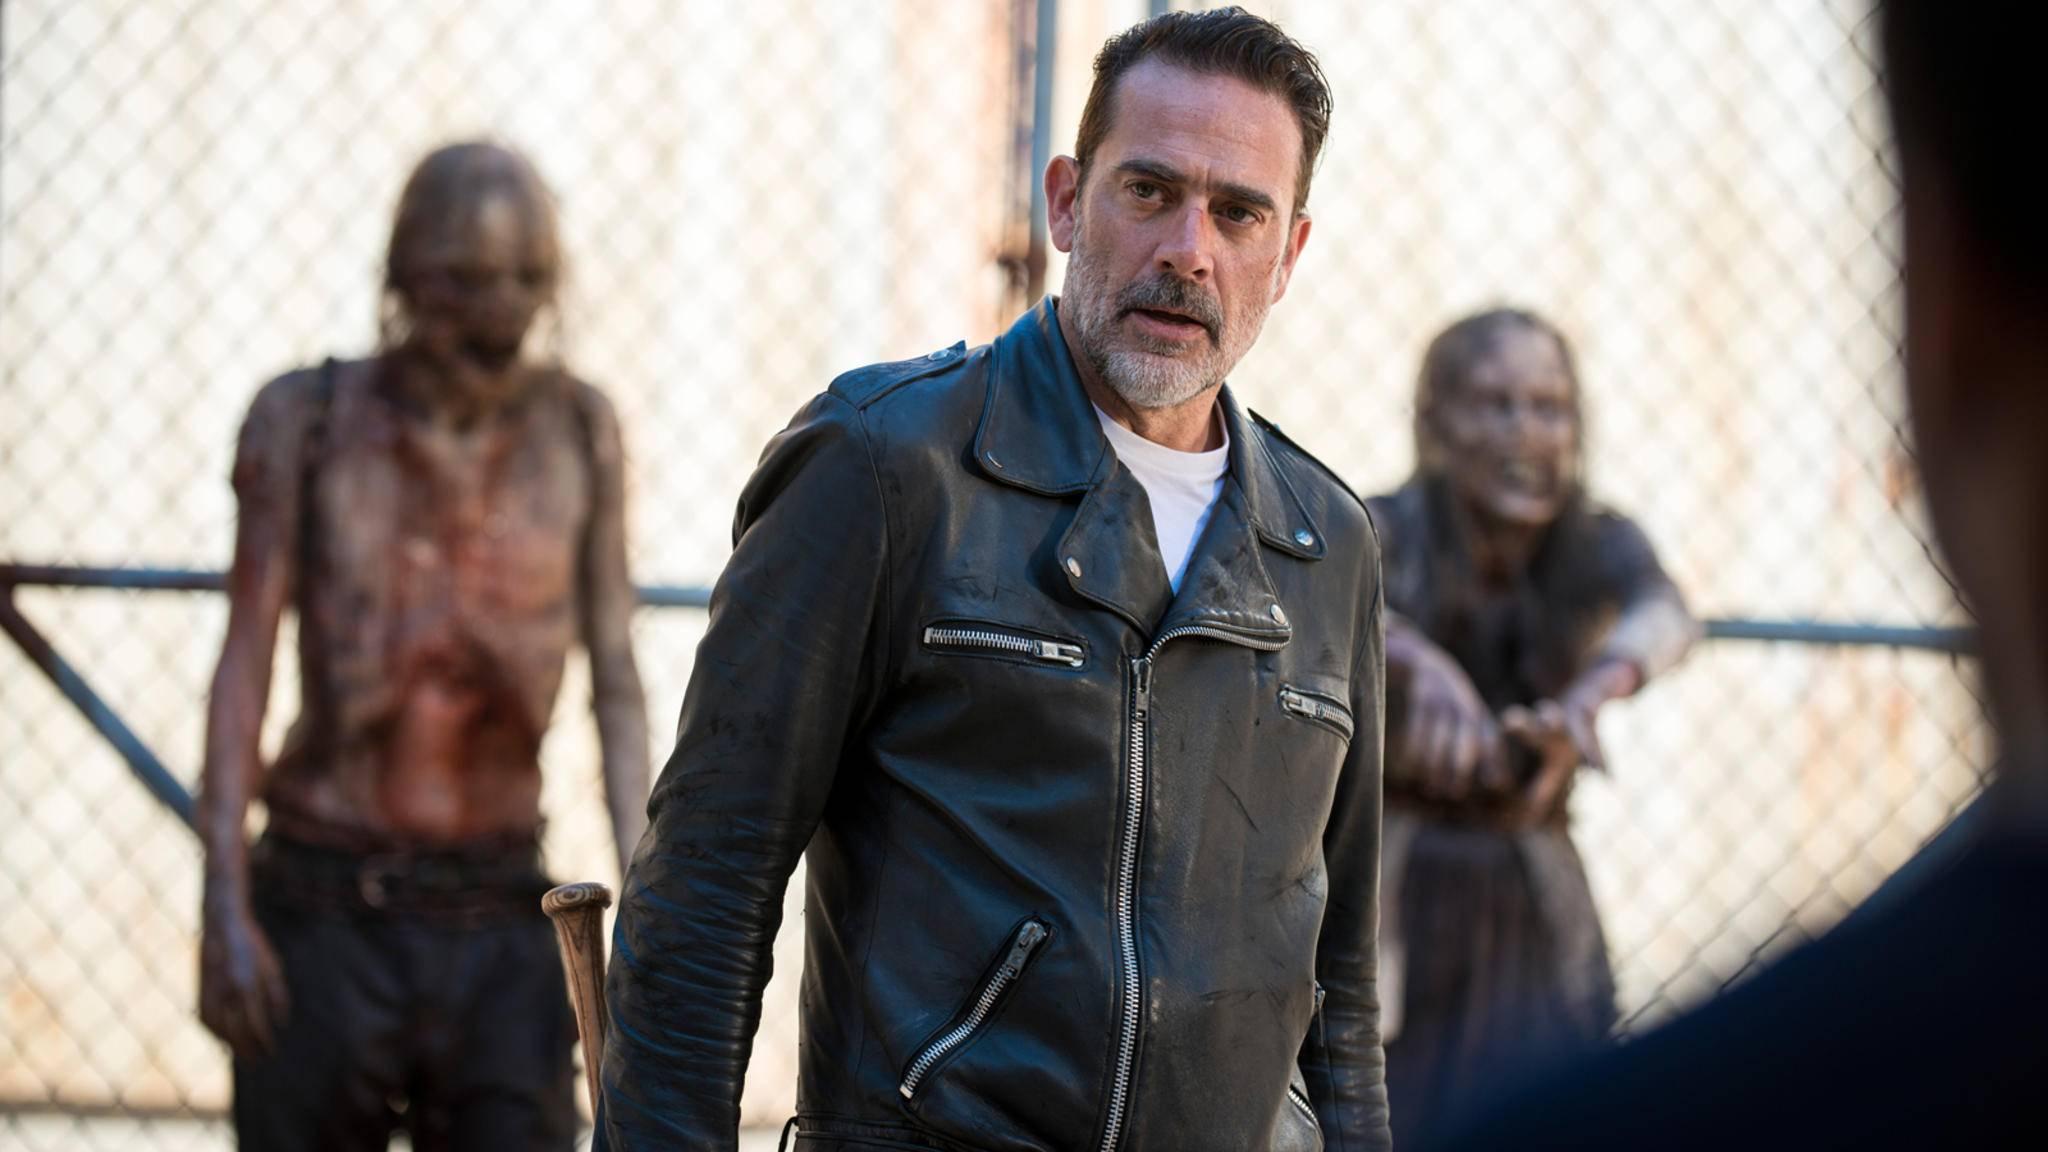 """Gewisse """"Qualitäten"""" von Negan dürften die Figuren aus """"The Walking Dead"""" in Staffel 9 und danach vermutlich noch gut gebrauchen können."""